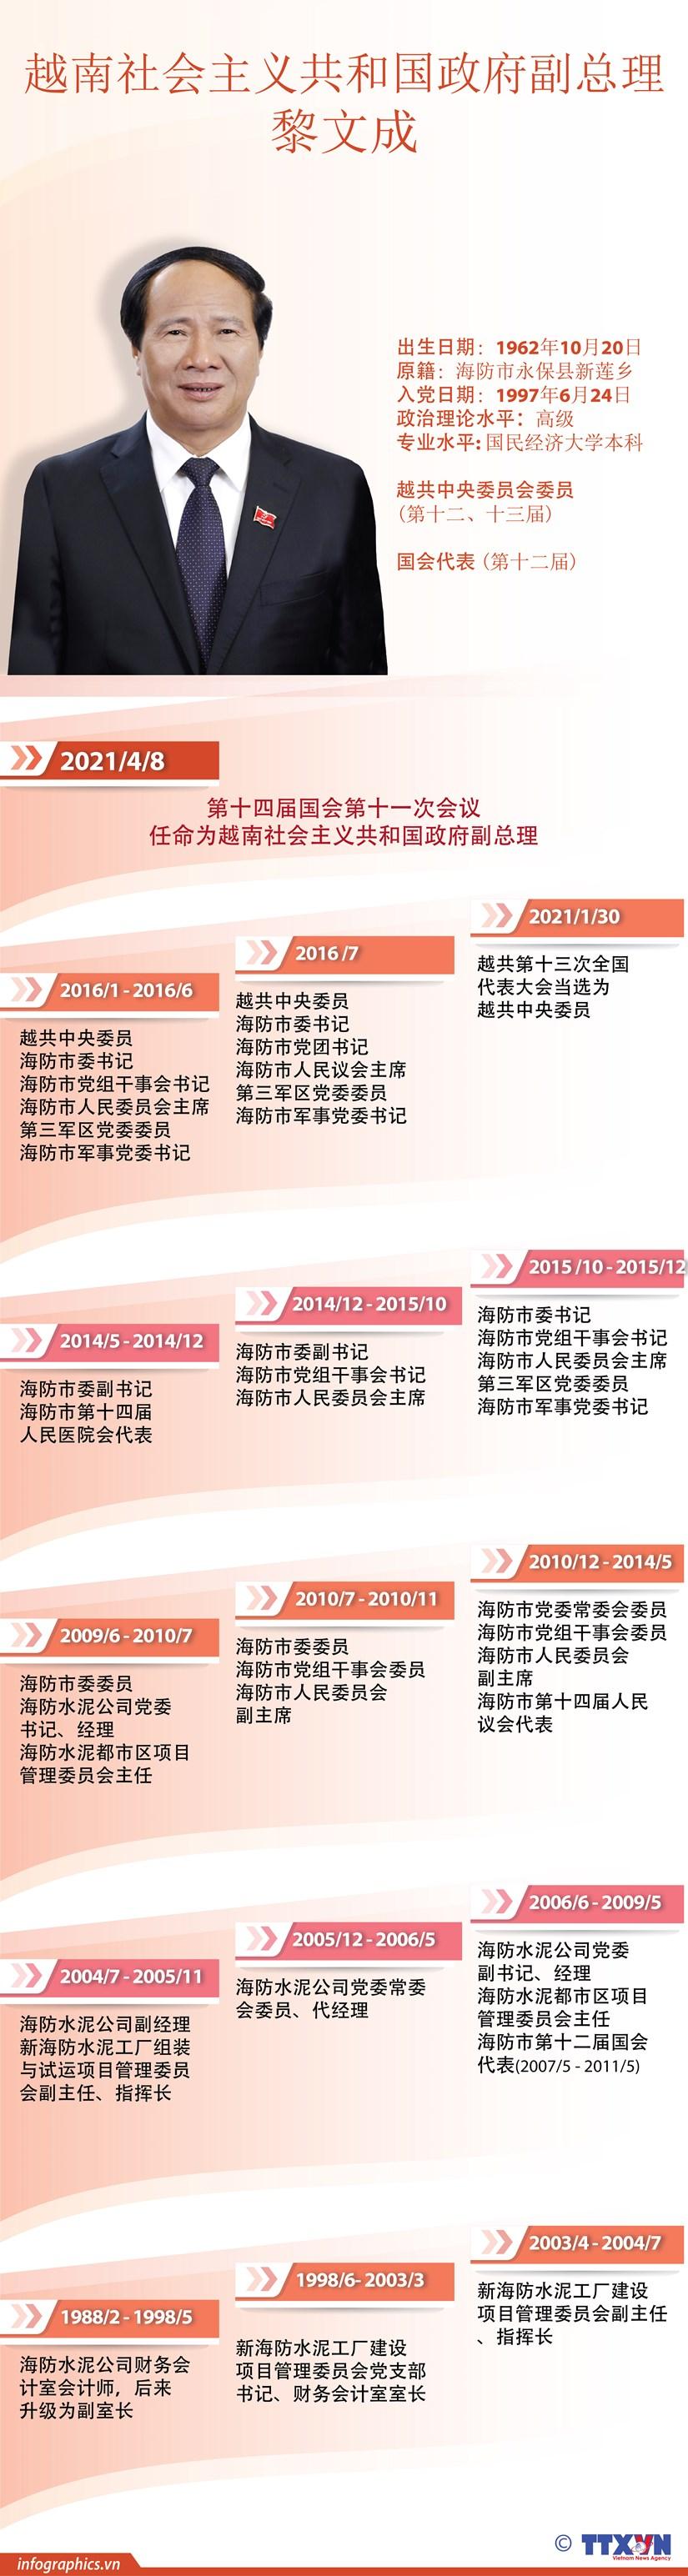 图表新闻:黎文成被任命为越南社会主义共和国政府副总理 hinh anh 1